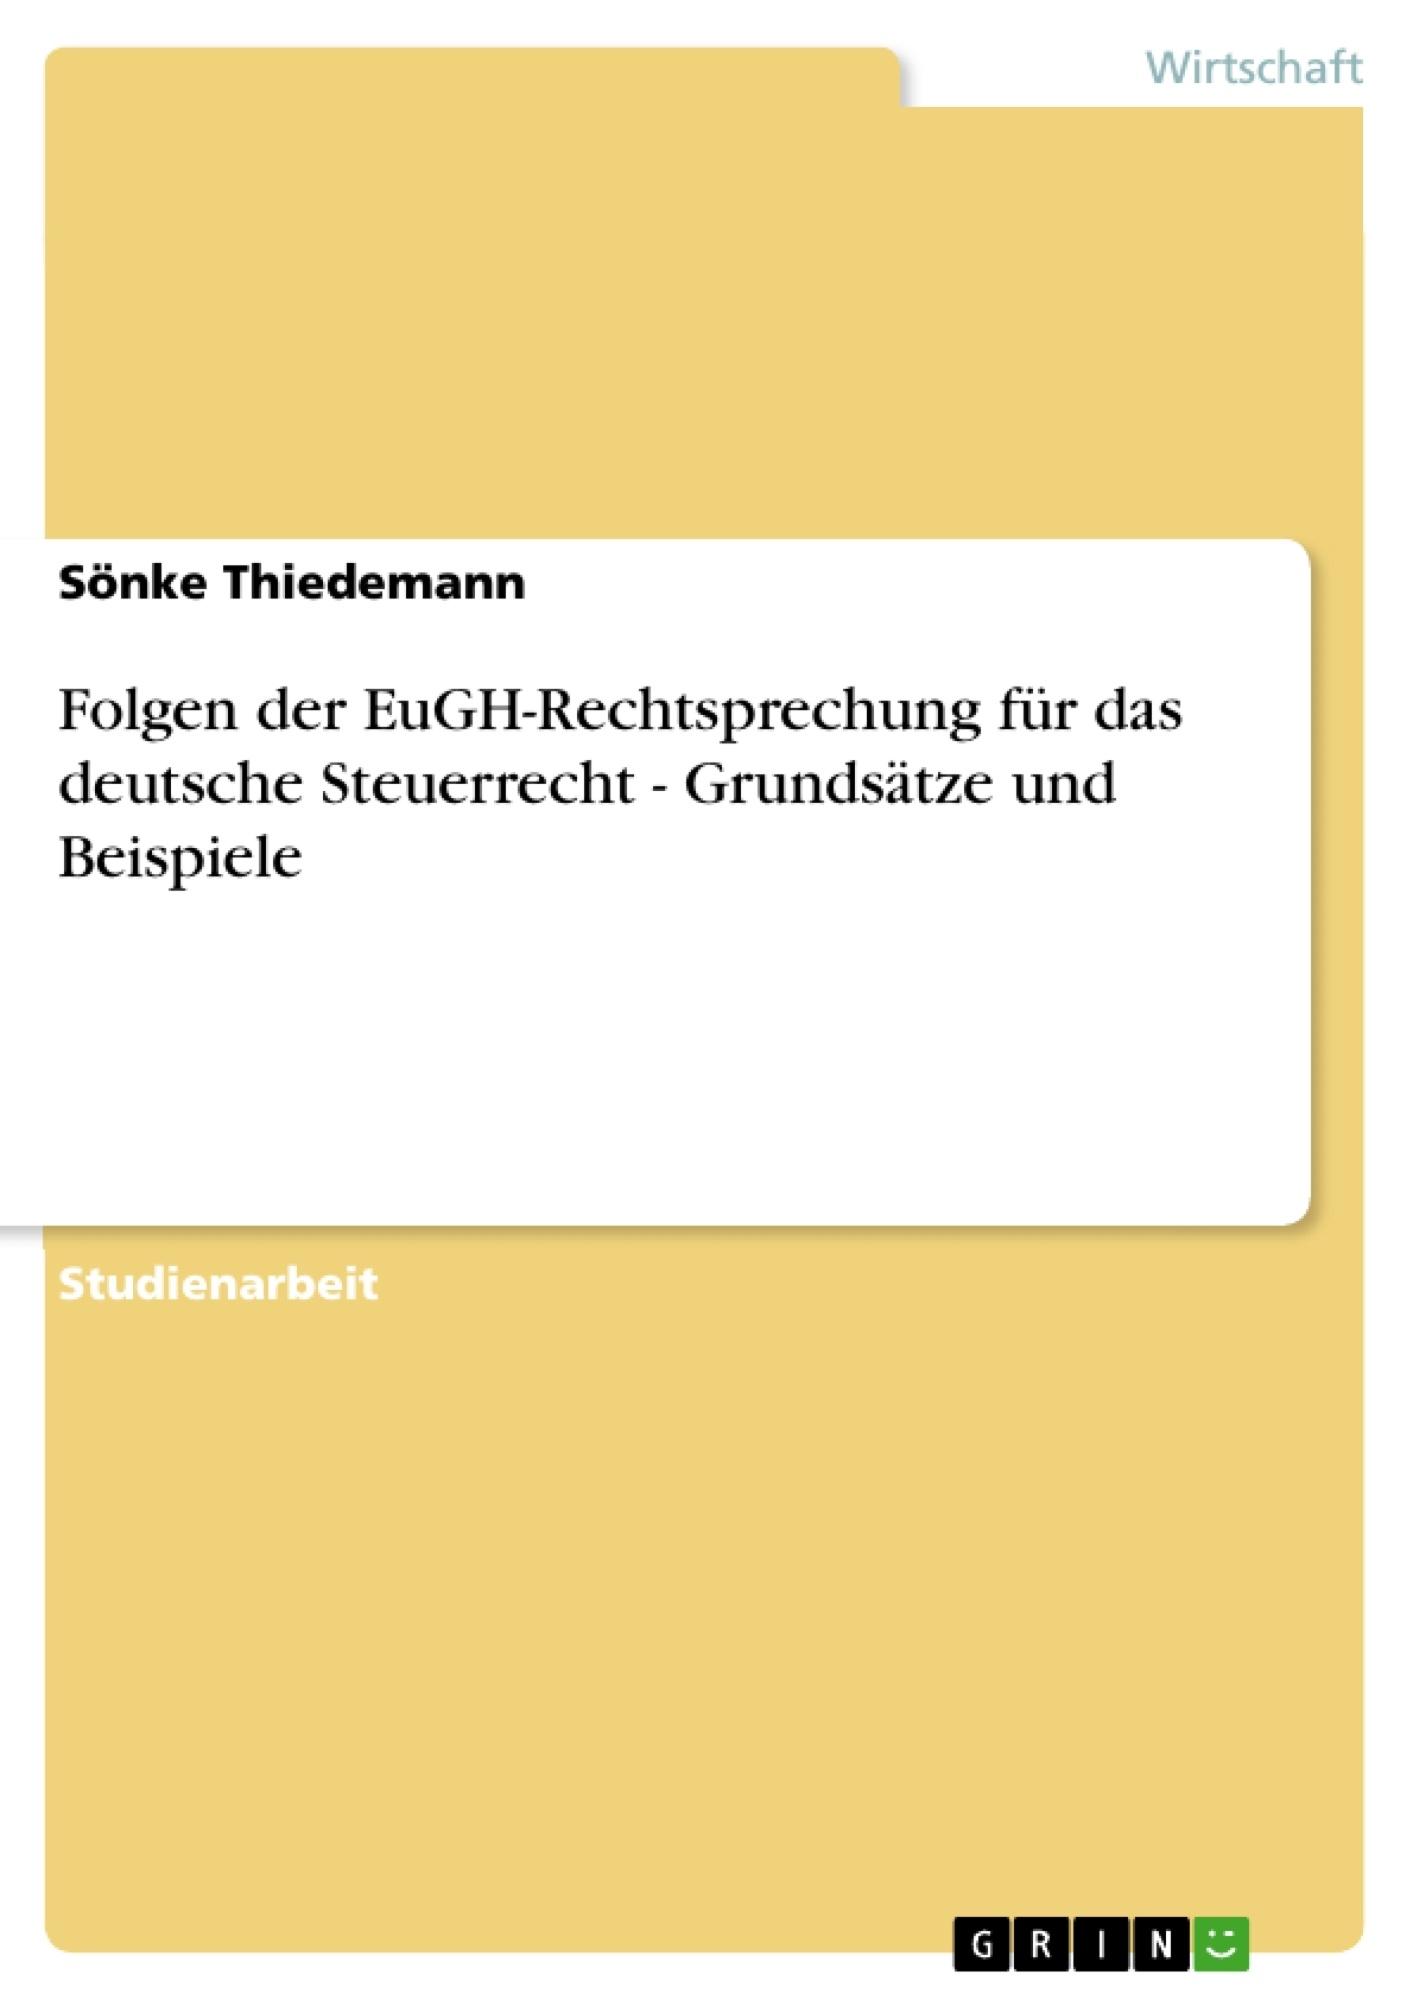 Titel: Folgen der EuGH-Rechtsprechung für das deutsche Steuerrecht - Grundsätze und Beispiele